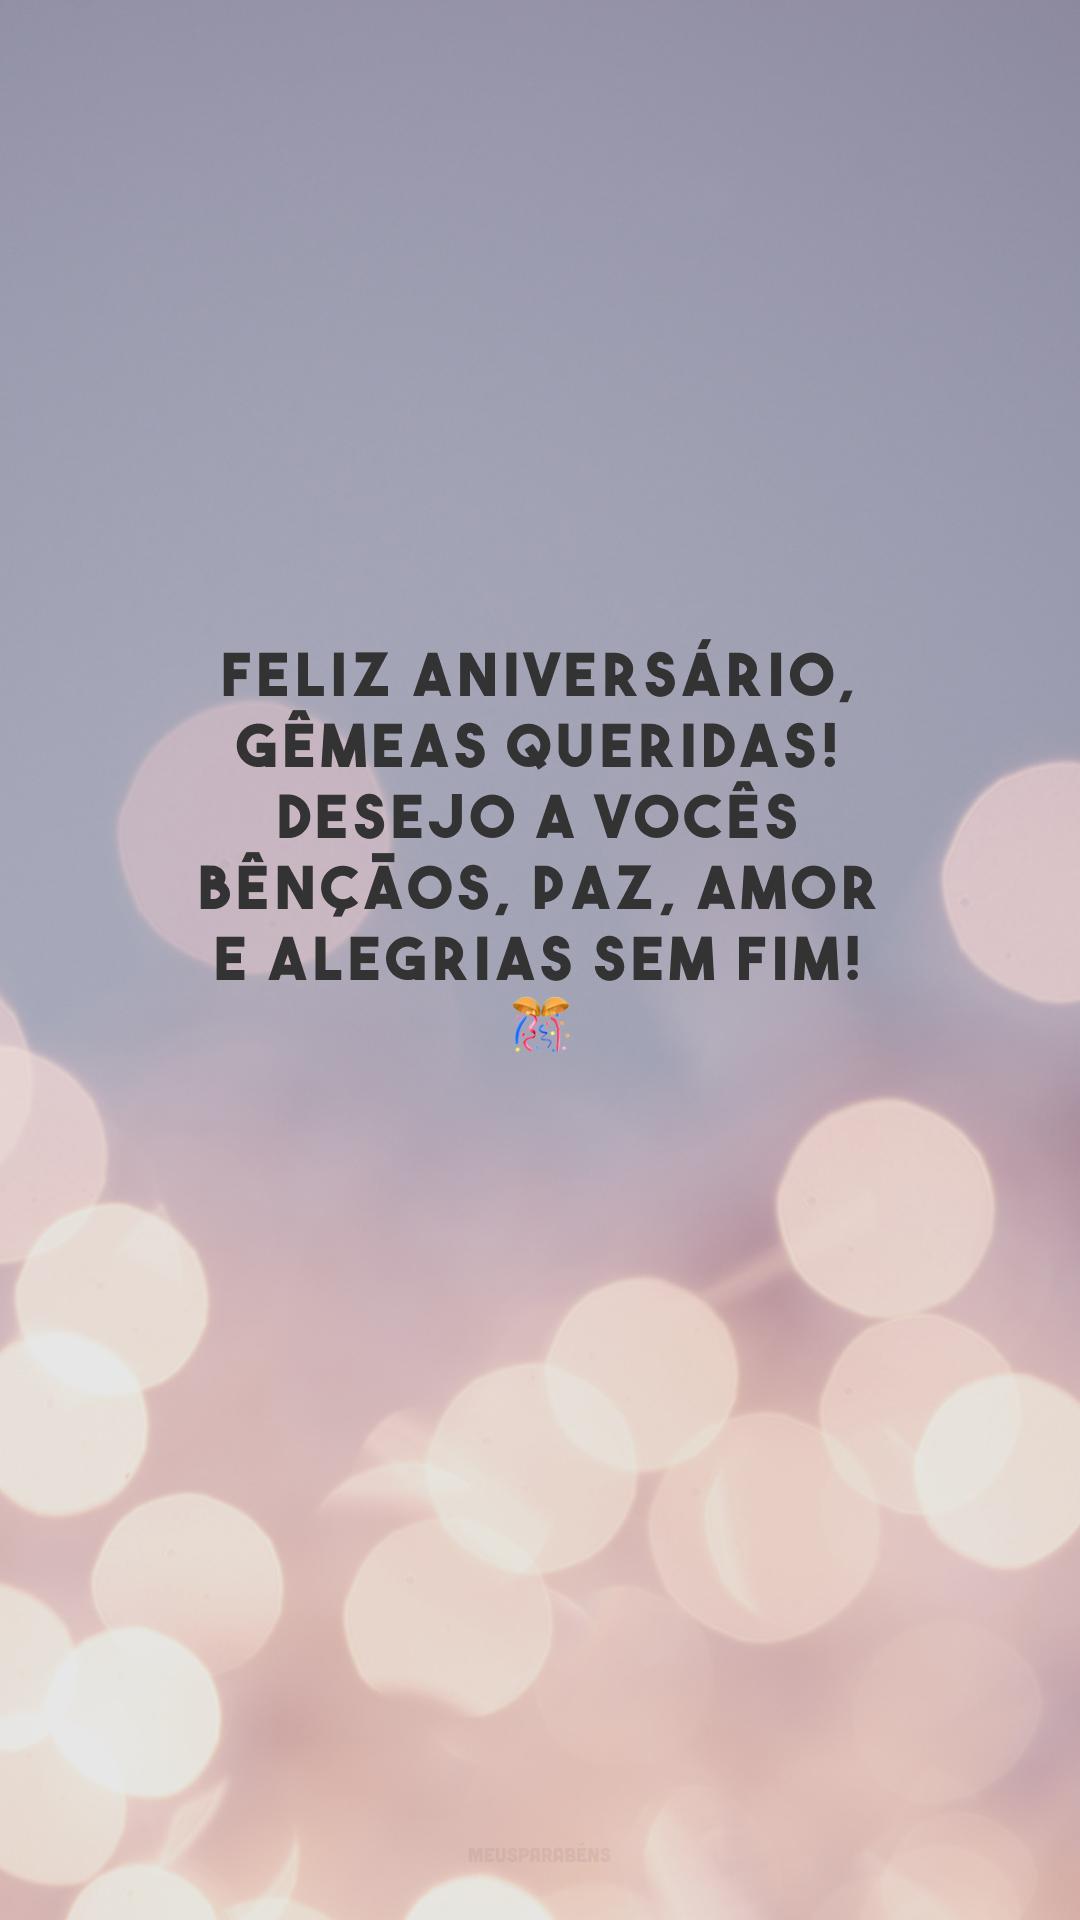 Feliz aniversário, gêmeas queridas! Desejo a vocês bênçãos, paz, amor e alegrias sem fim! 🎊